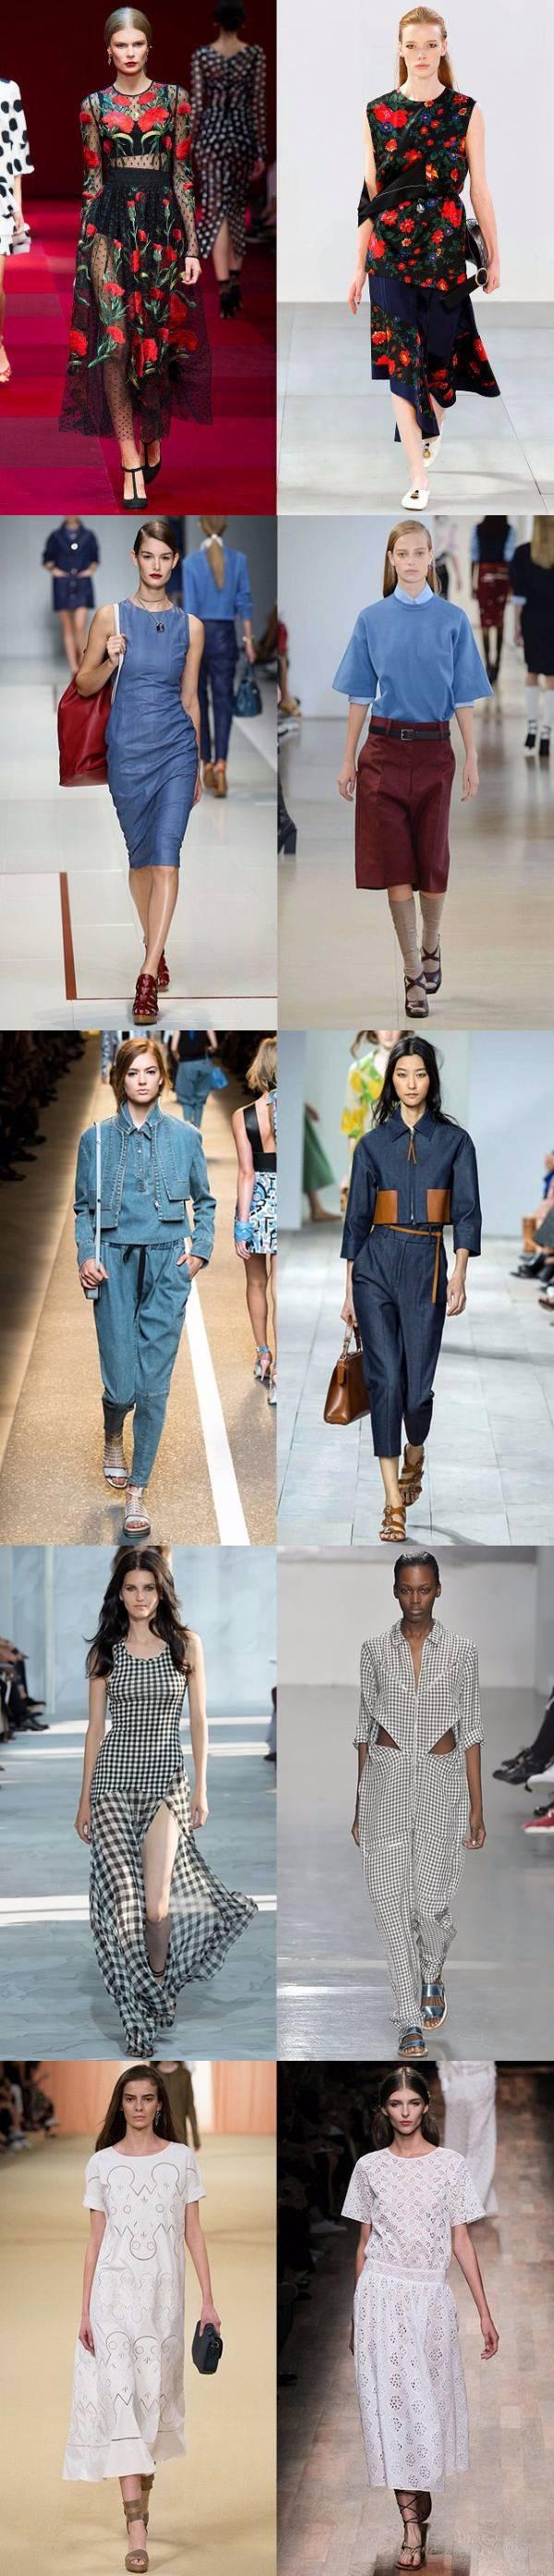 Модные тенденции лета 2015